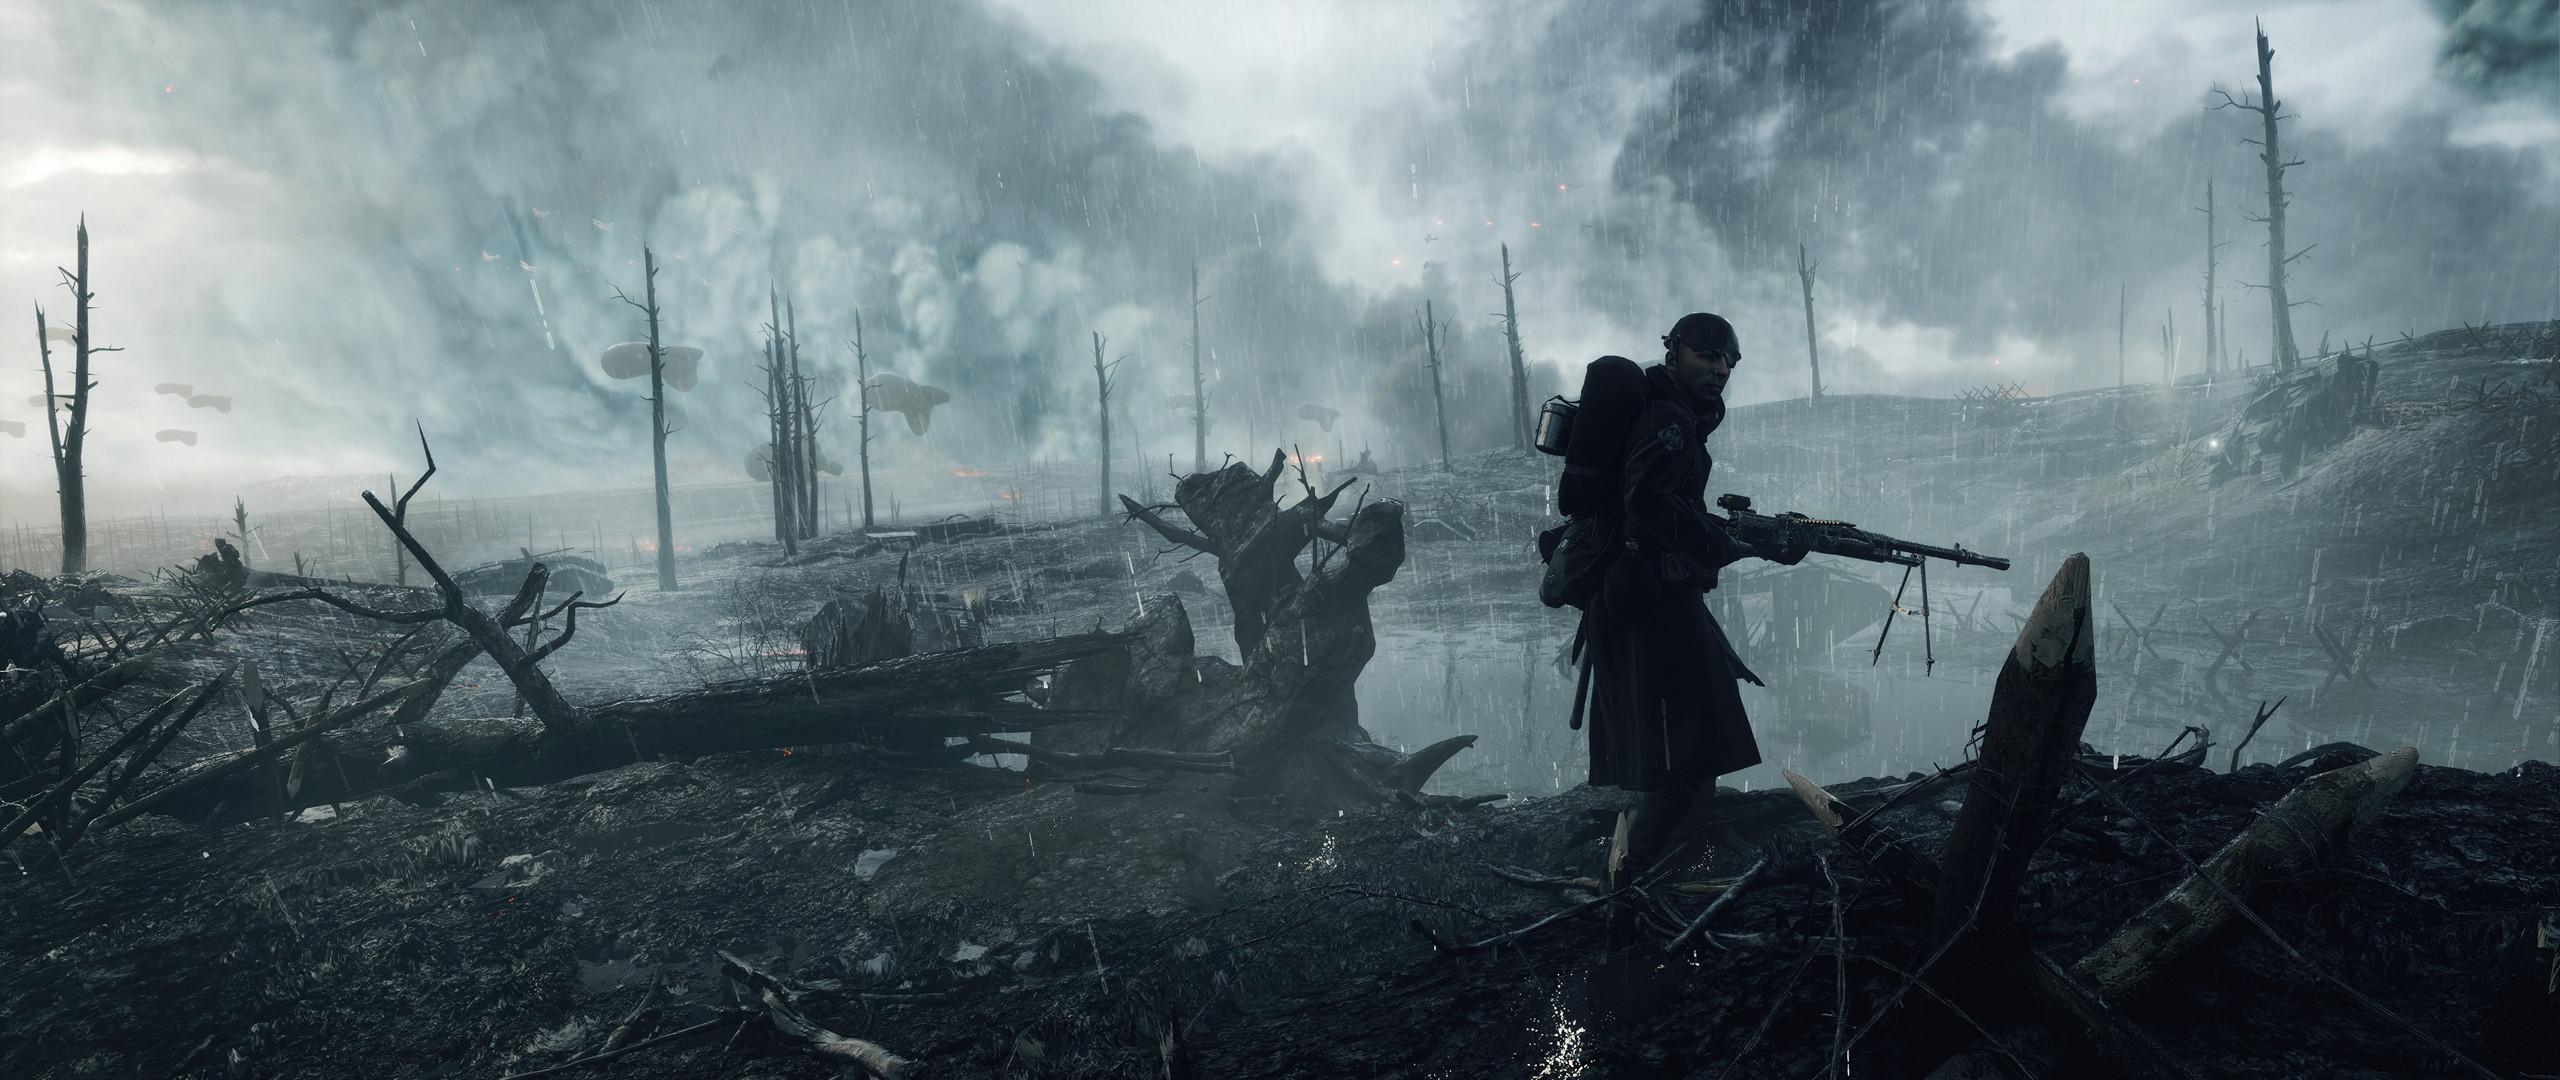 Battlefield 1 War Video Game Hd Wallpaper: 144 2560x1080 Wallpapers HD